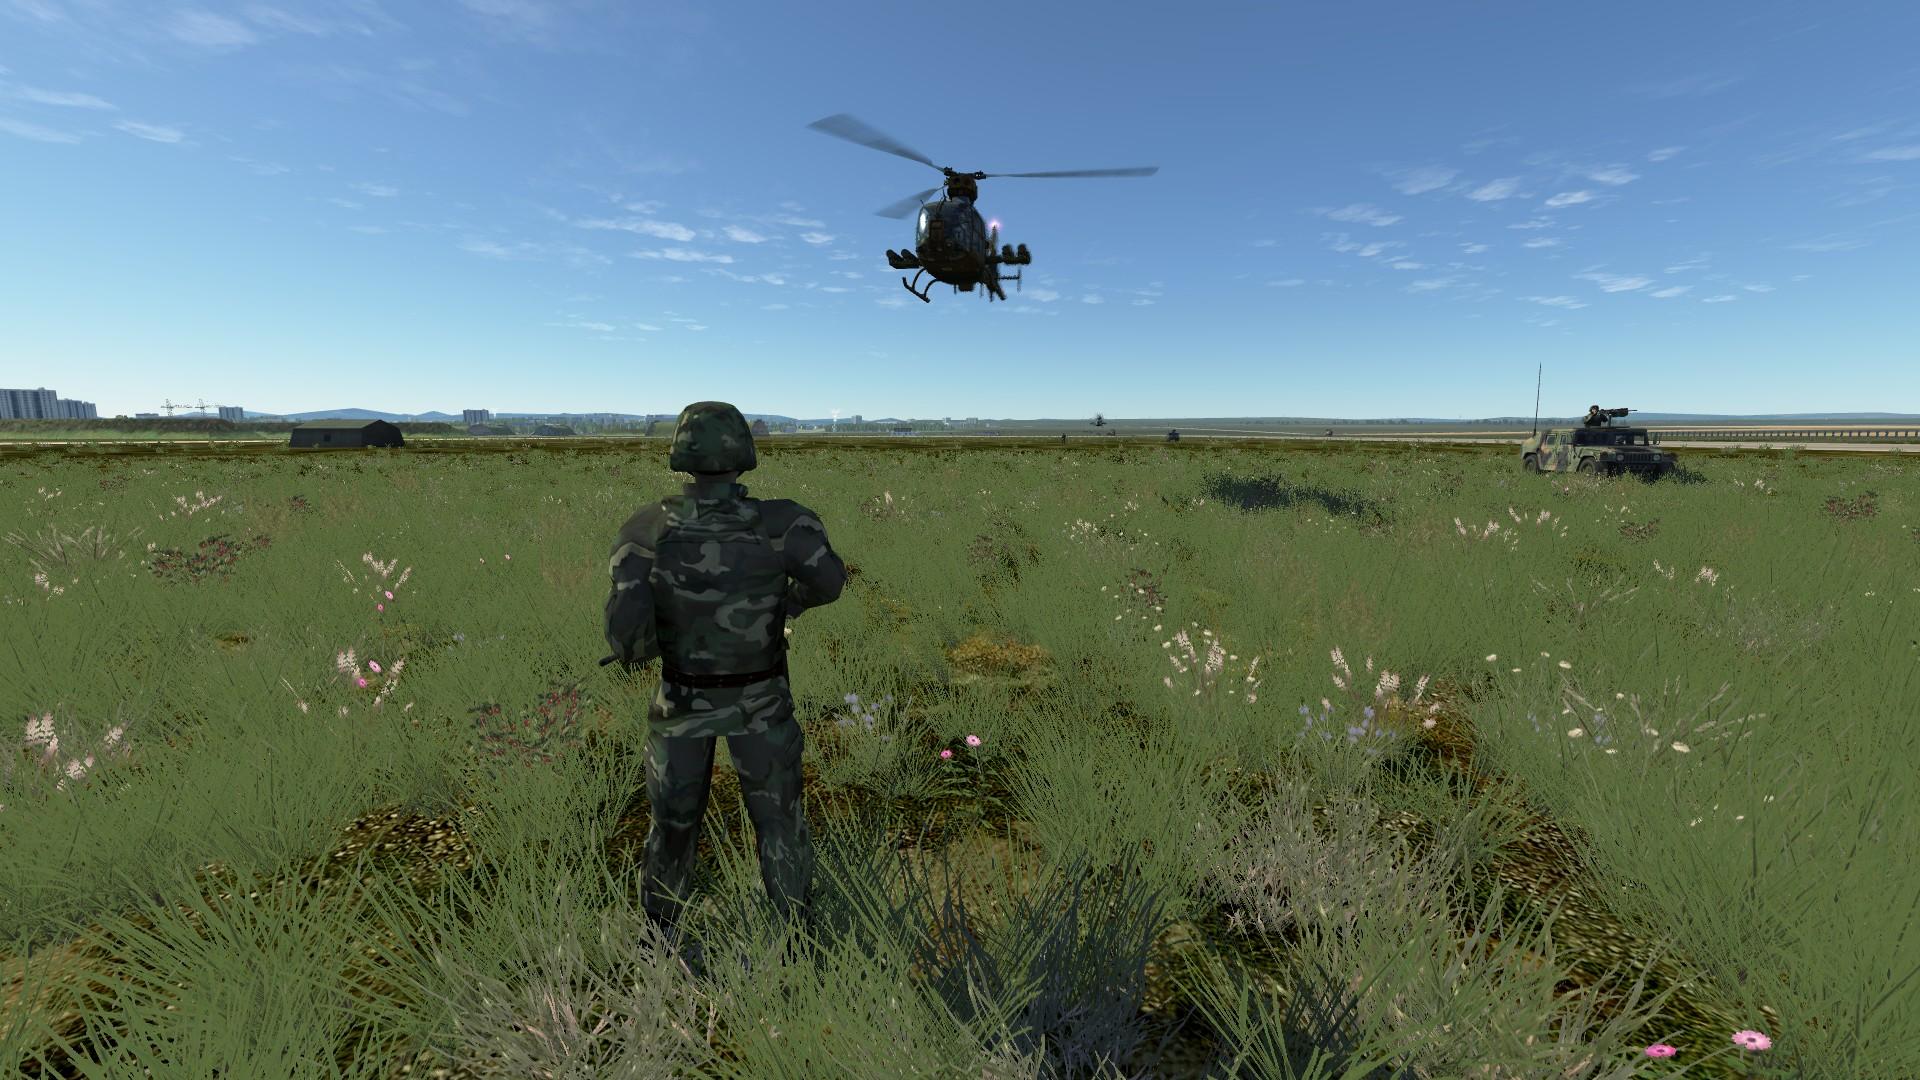 DCS: SA342M Gazelle screenshot